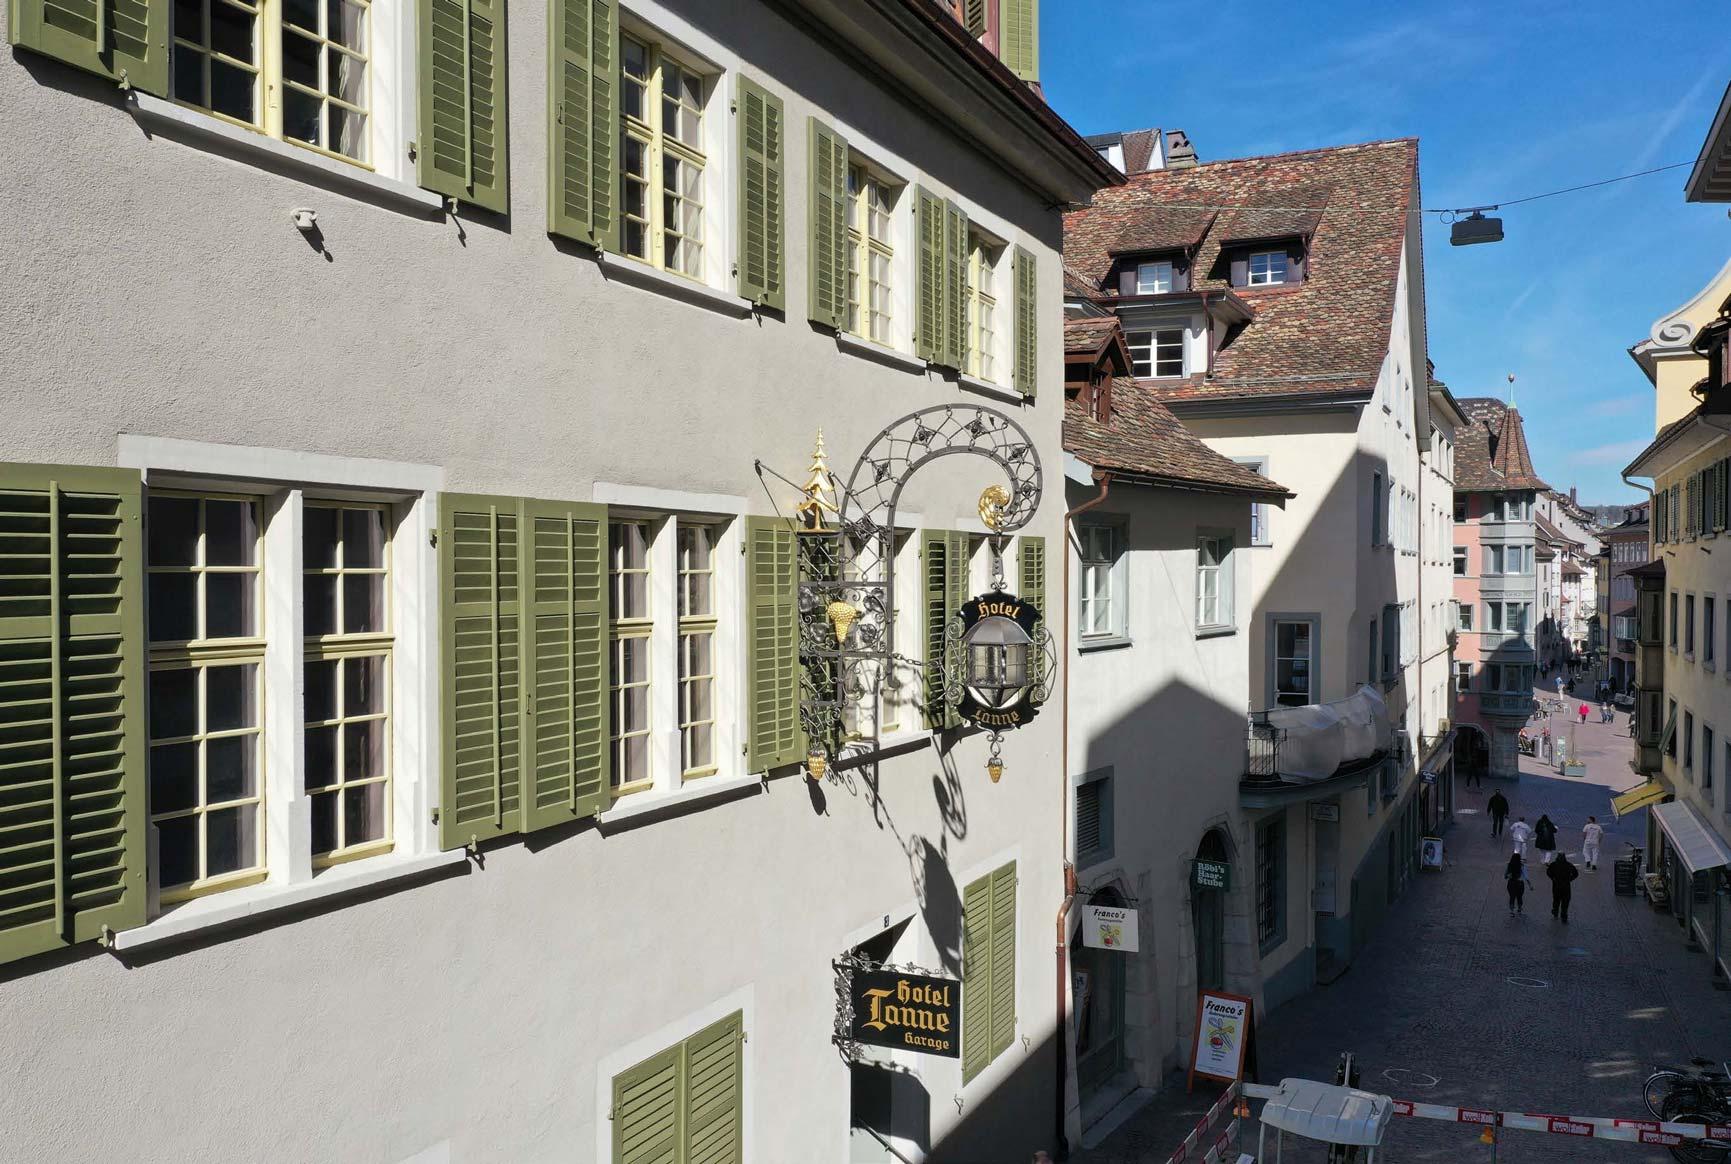 Im Historischen Hotel Tanne Ist Neues Leben Eingekehrt 1